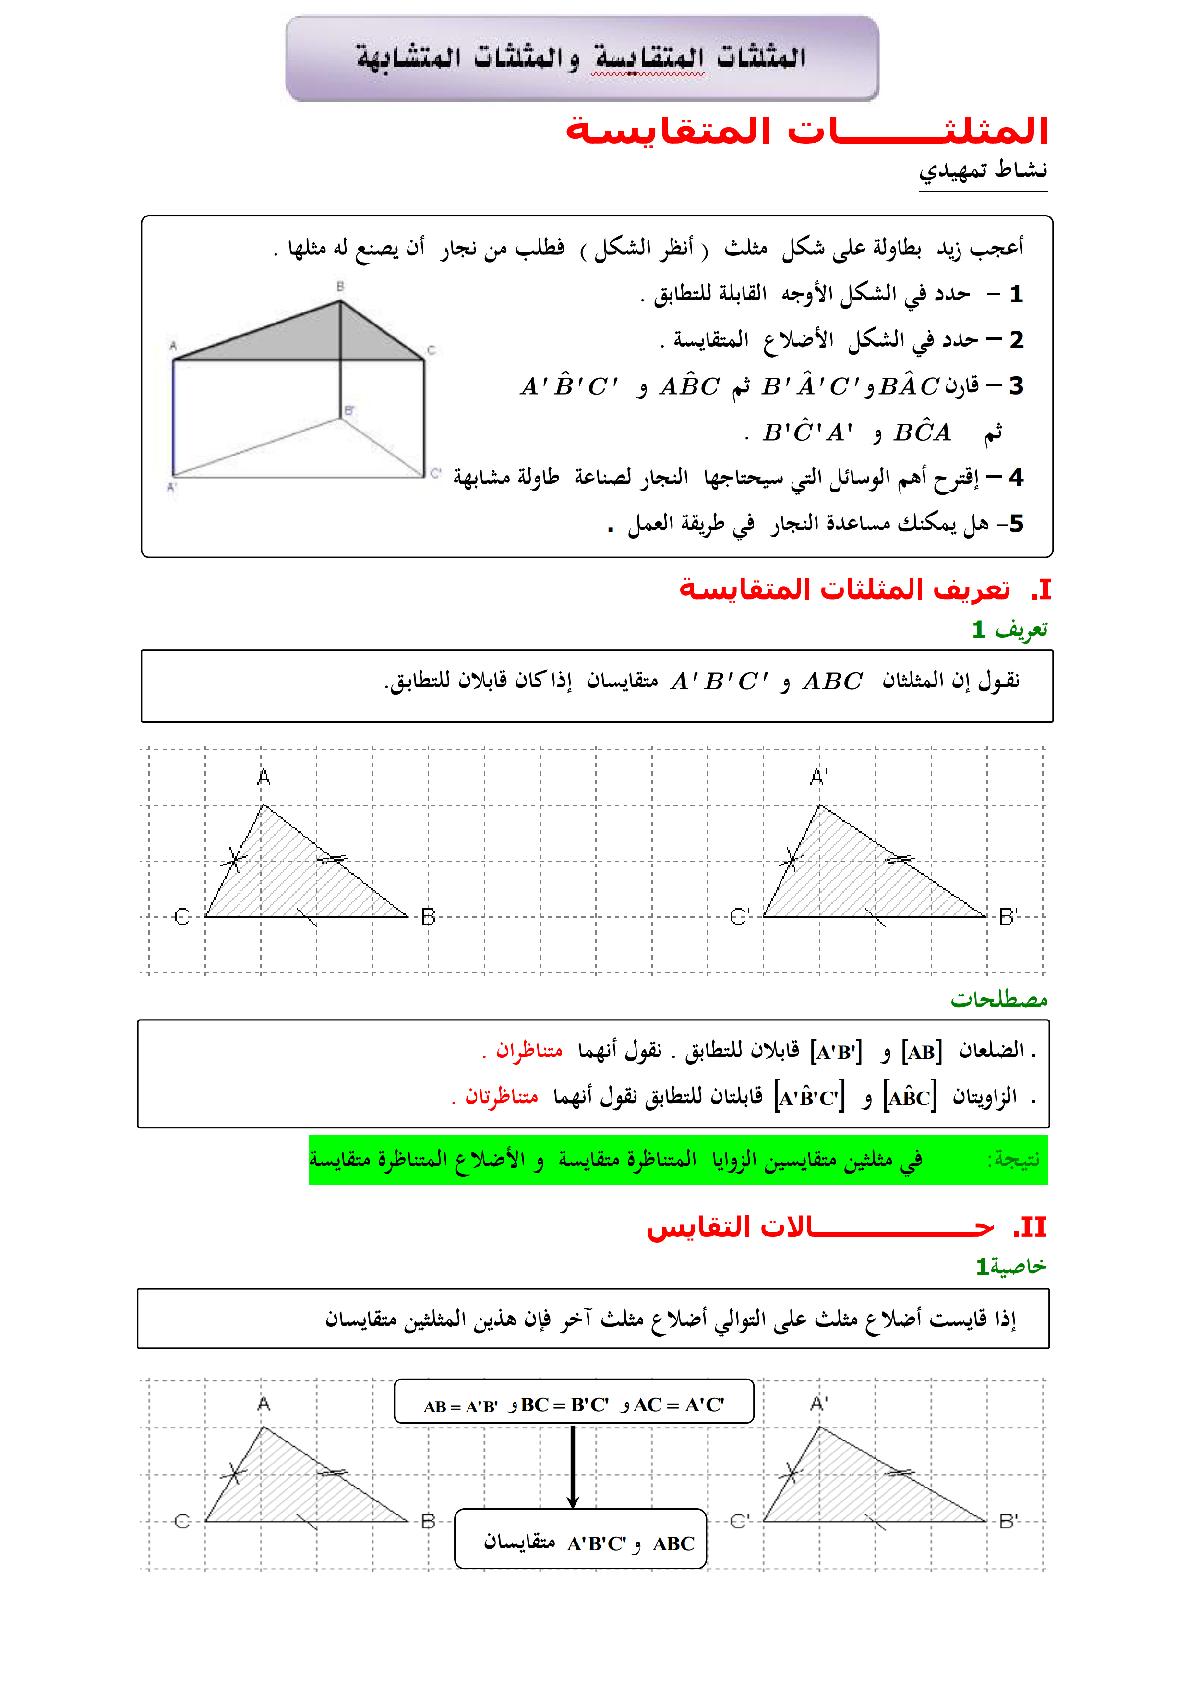 درس المثلثات المتقايسة و المثلثات المتشابهة للسنة الثالثة إعدادي